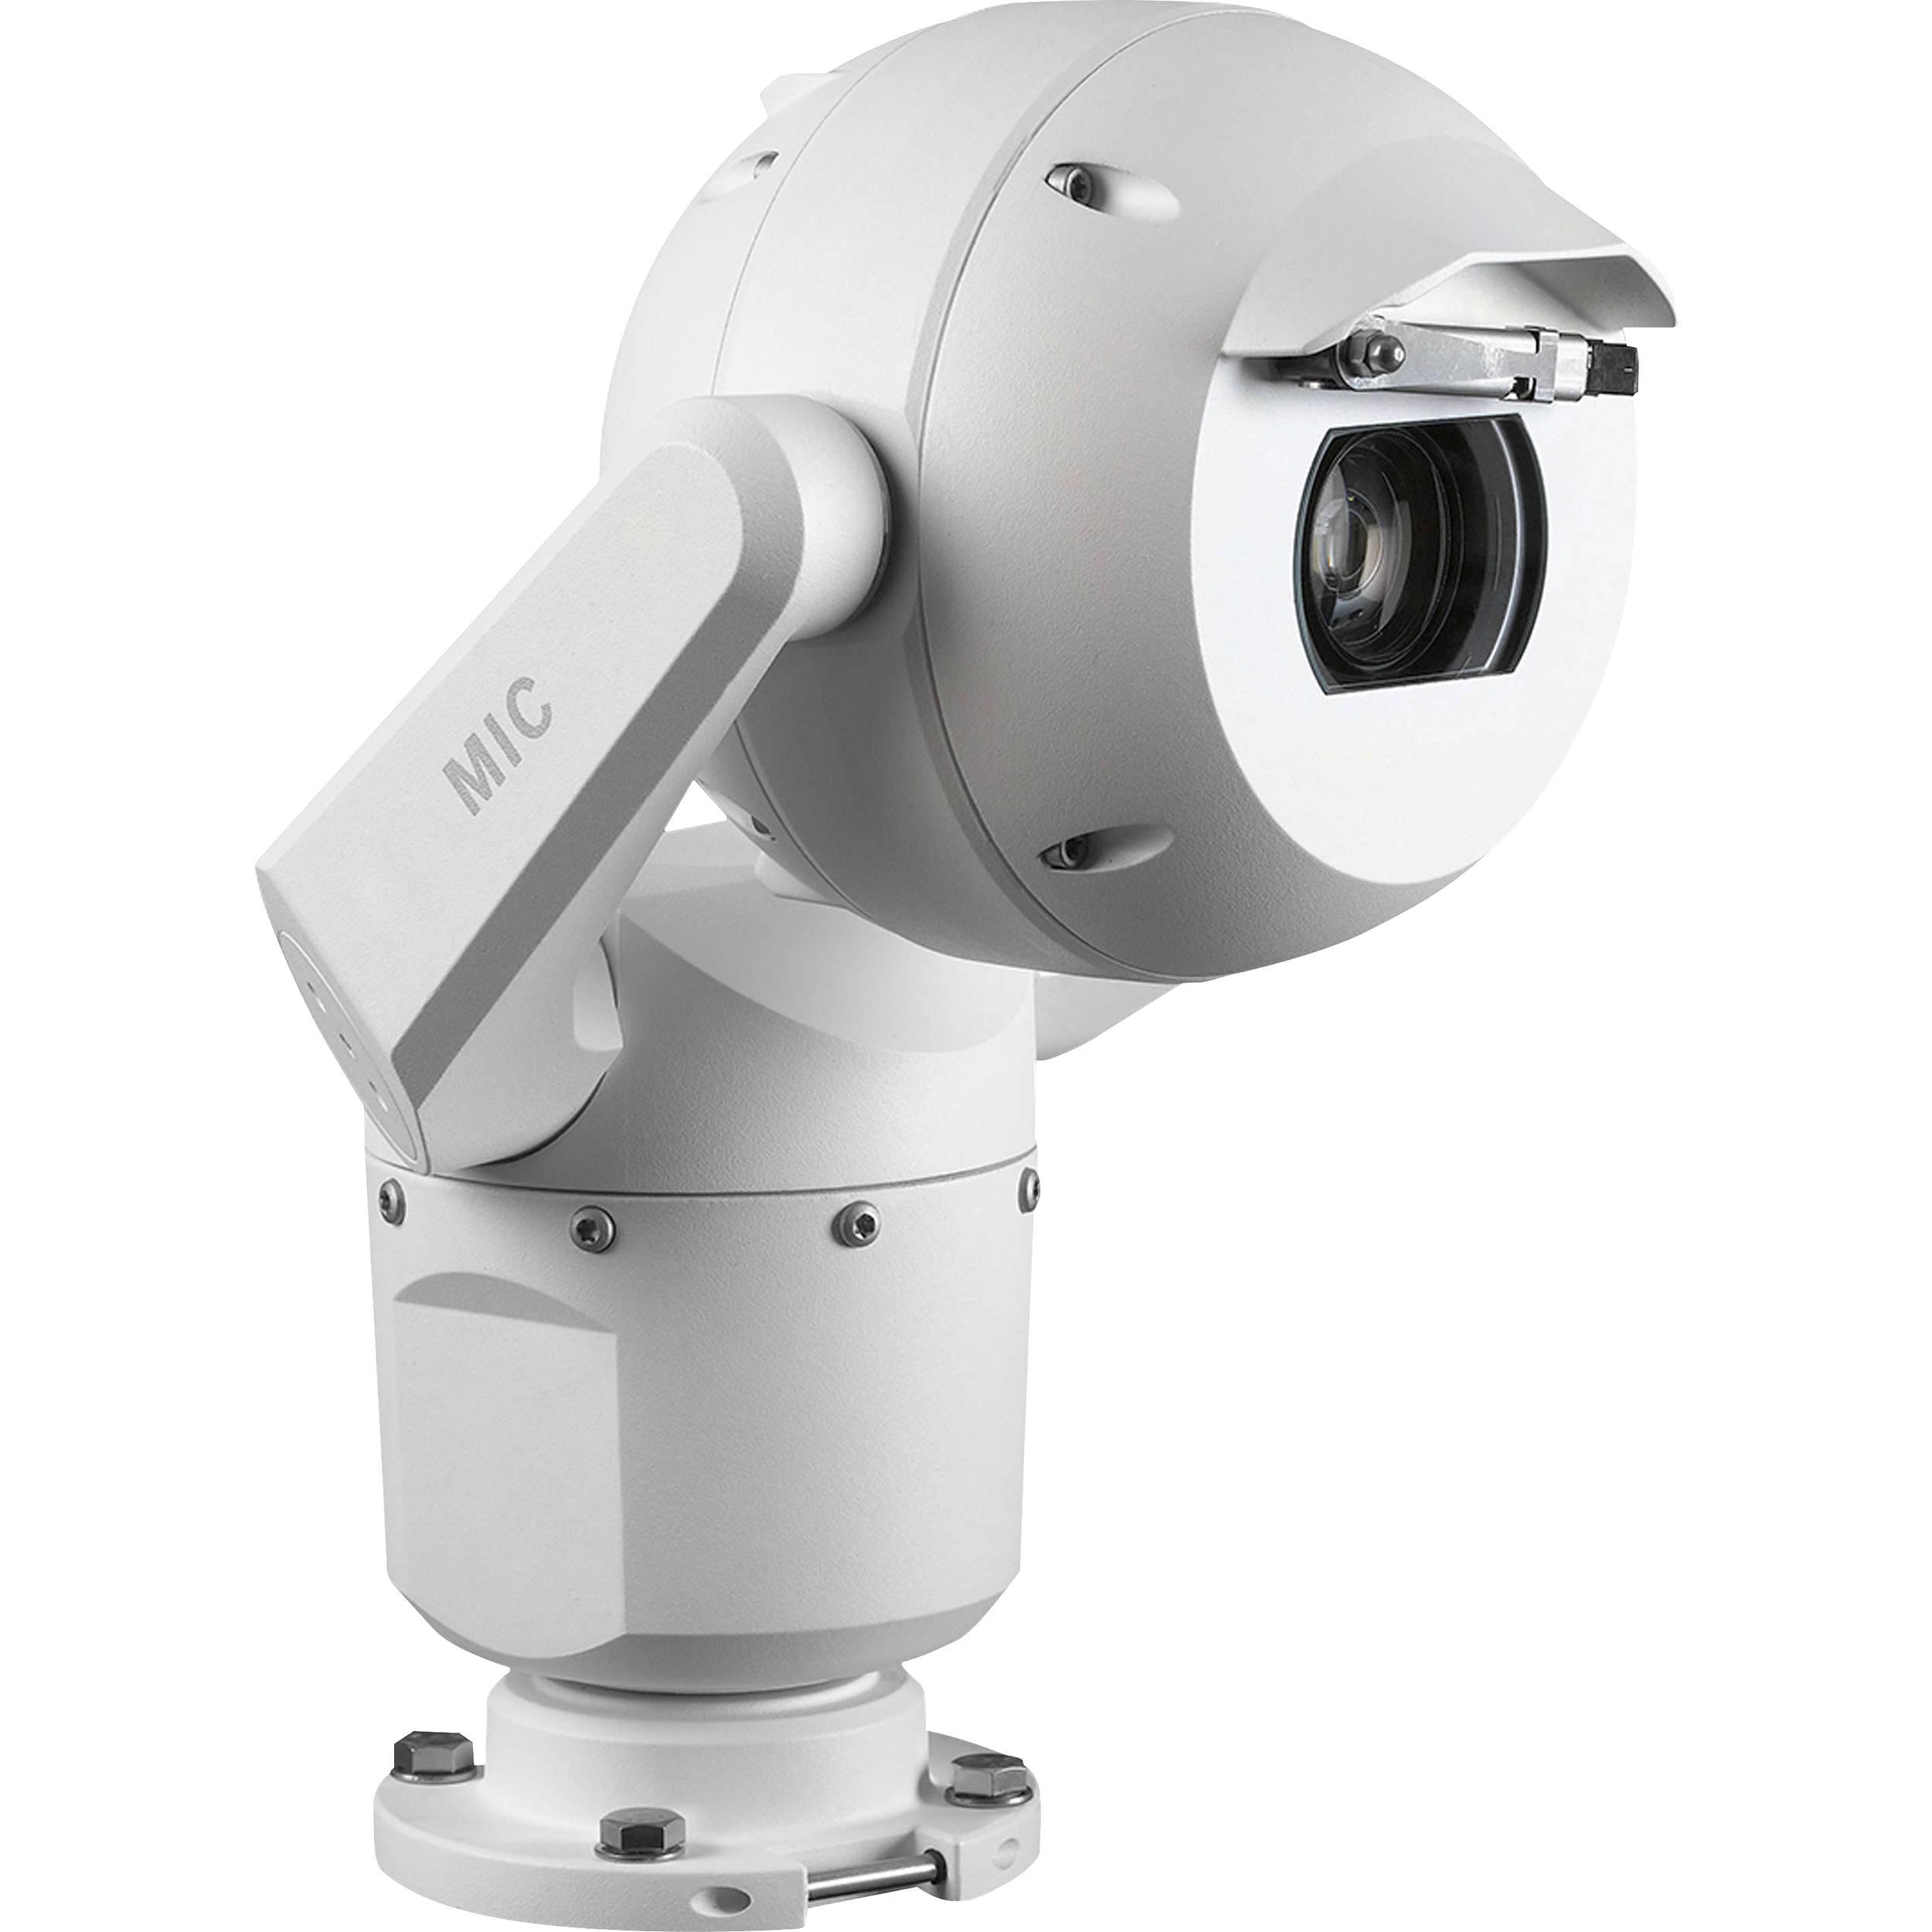 Home Surveillance Kit Review